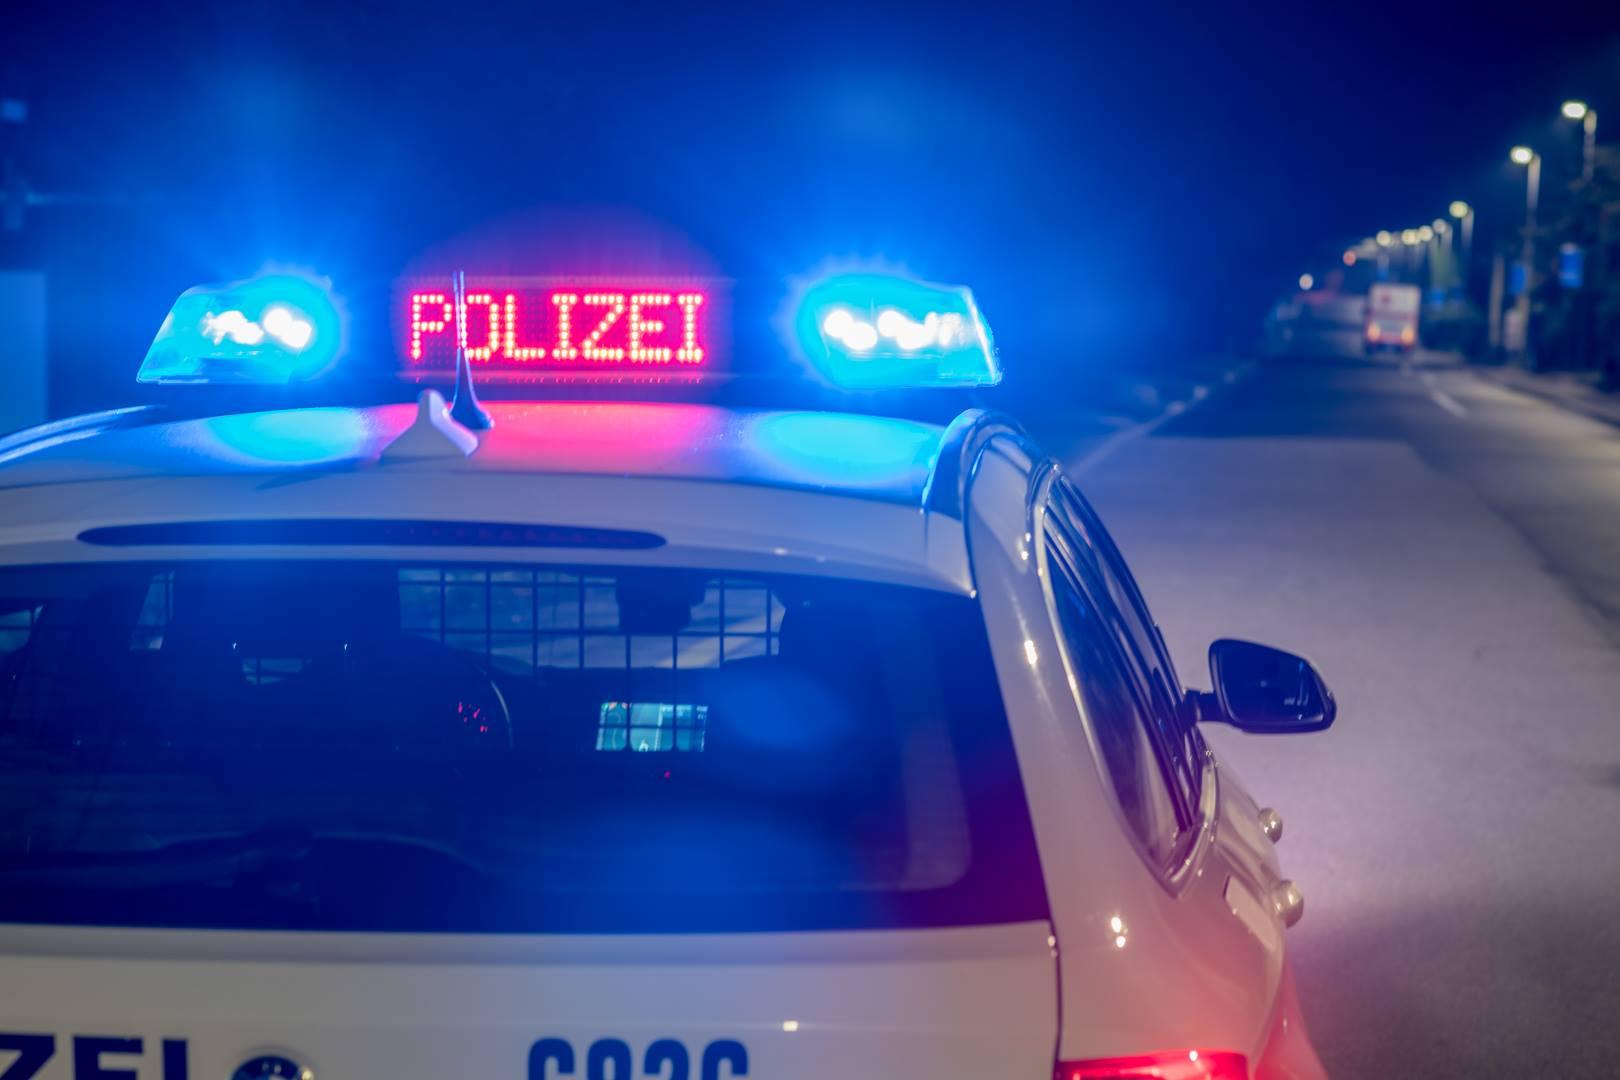 Schweizweit ist die Polizei unter dem Notruf 117 zu erreichen. (Bildquelle: Polizei ZH)